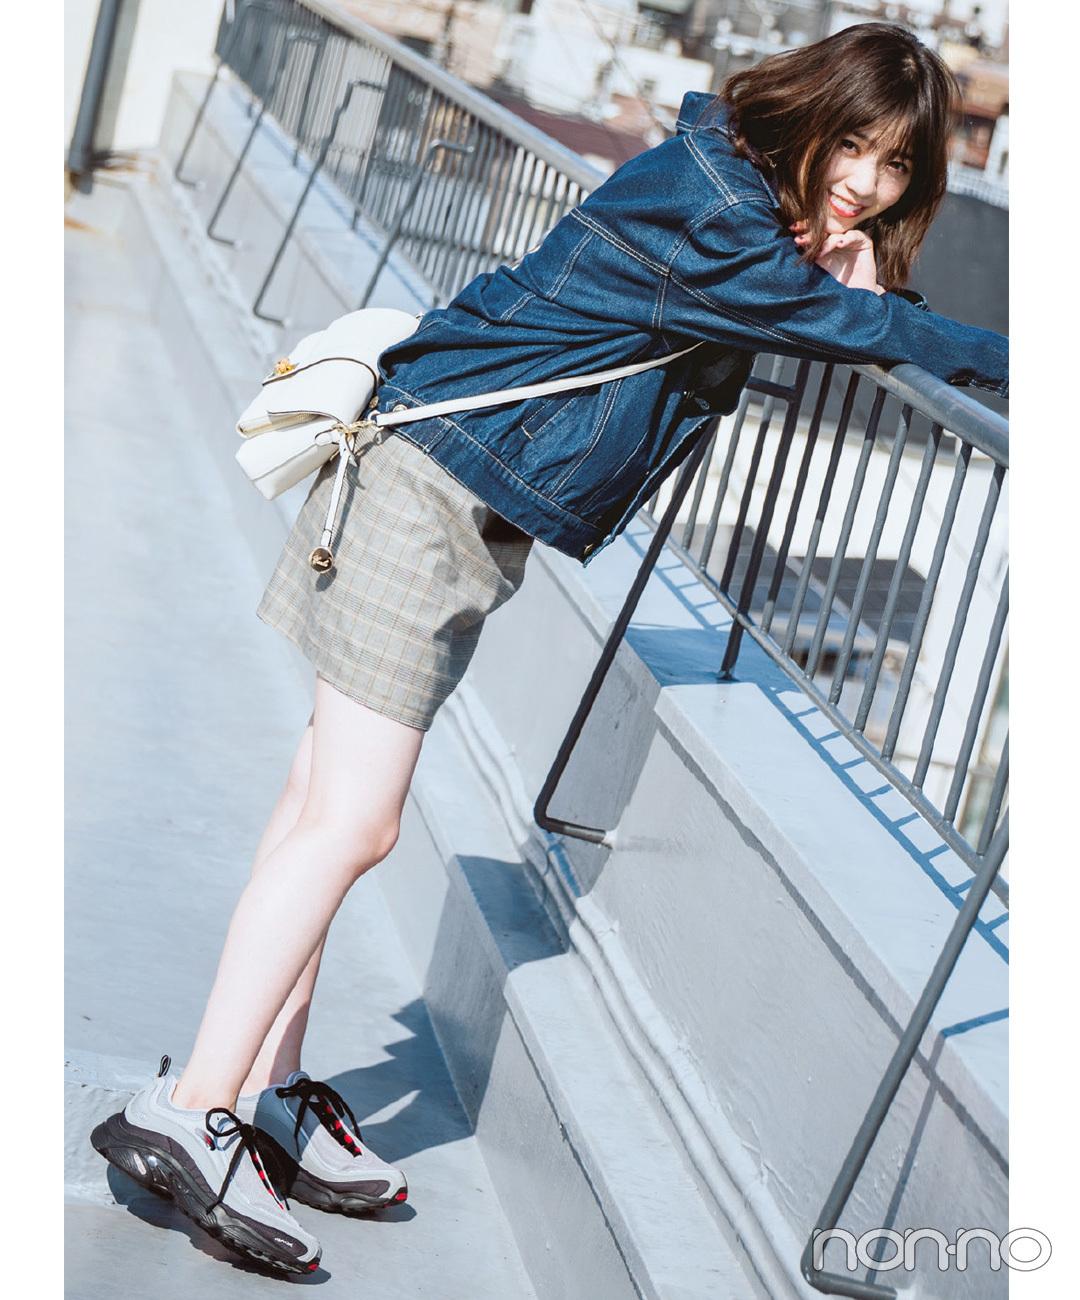 【台形ミニスカートコーデ】ミニ×スニーカーの甘カジバランスはウケ◎